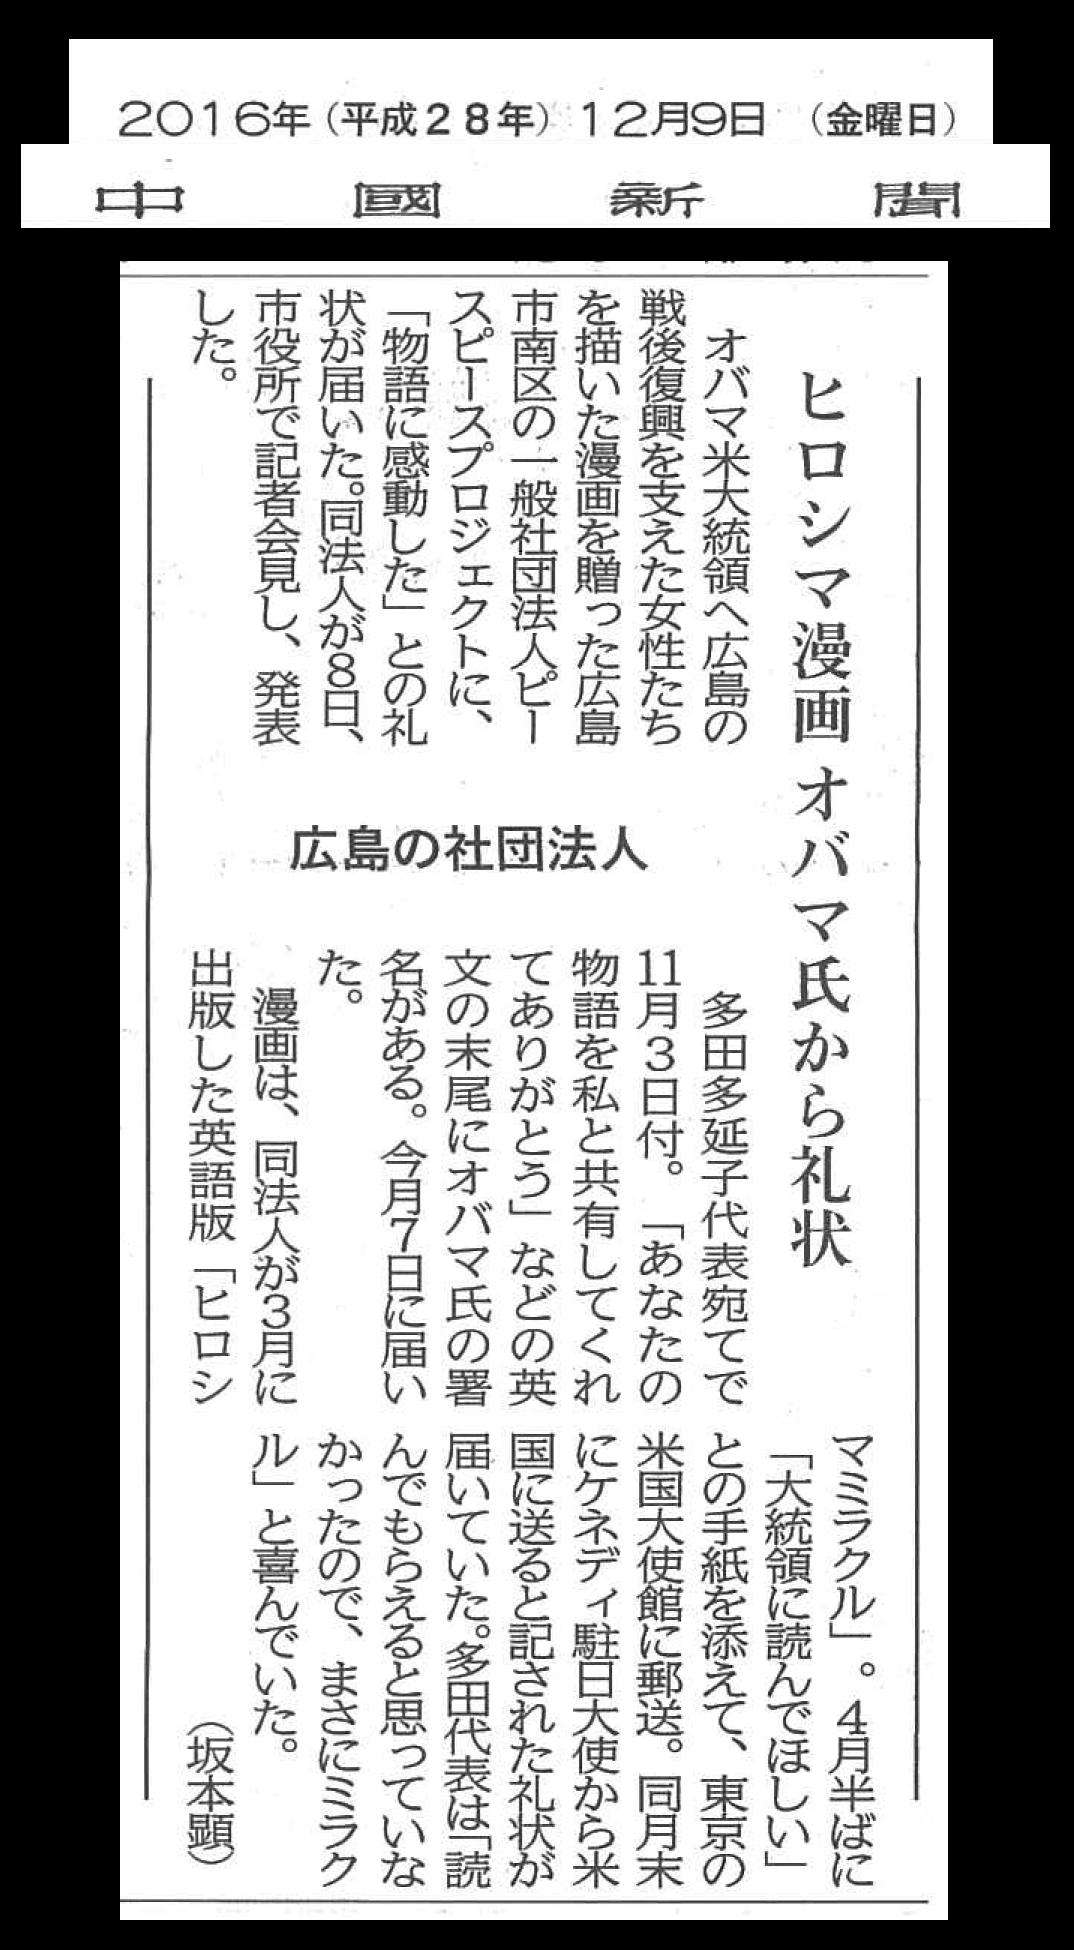 2016年12月9日 中國新聞